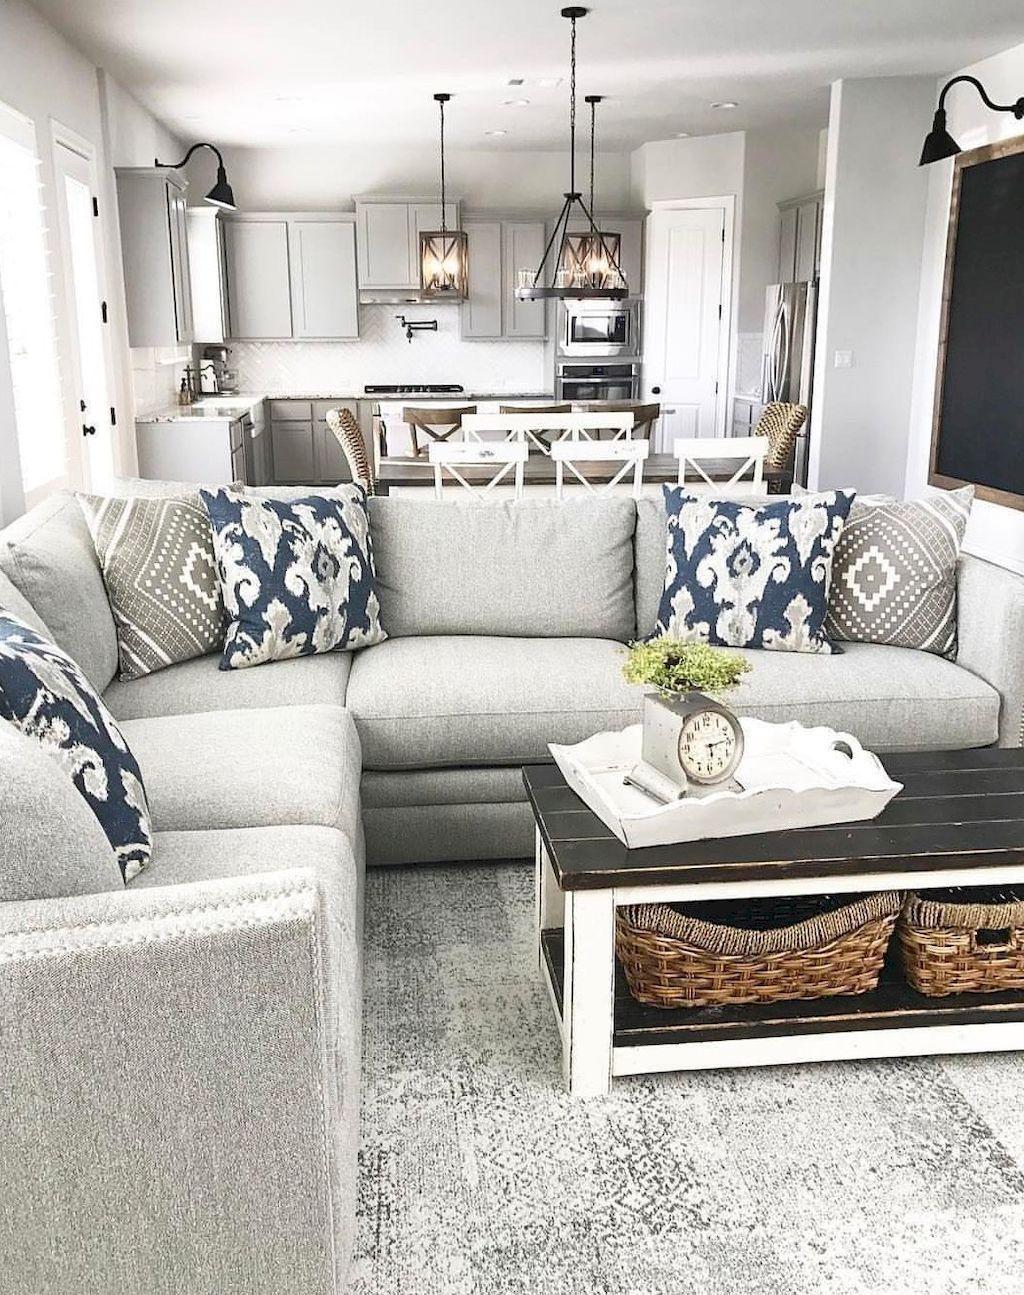 35 Rustic Farmhouse Living Room Furniture Decor Ideas | Farmhouse ...